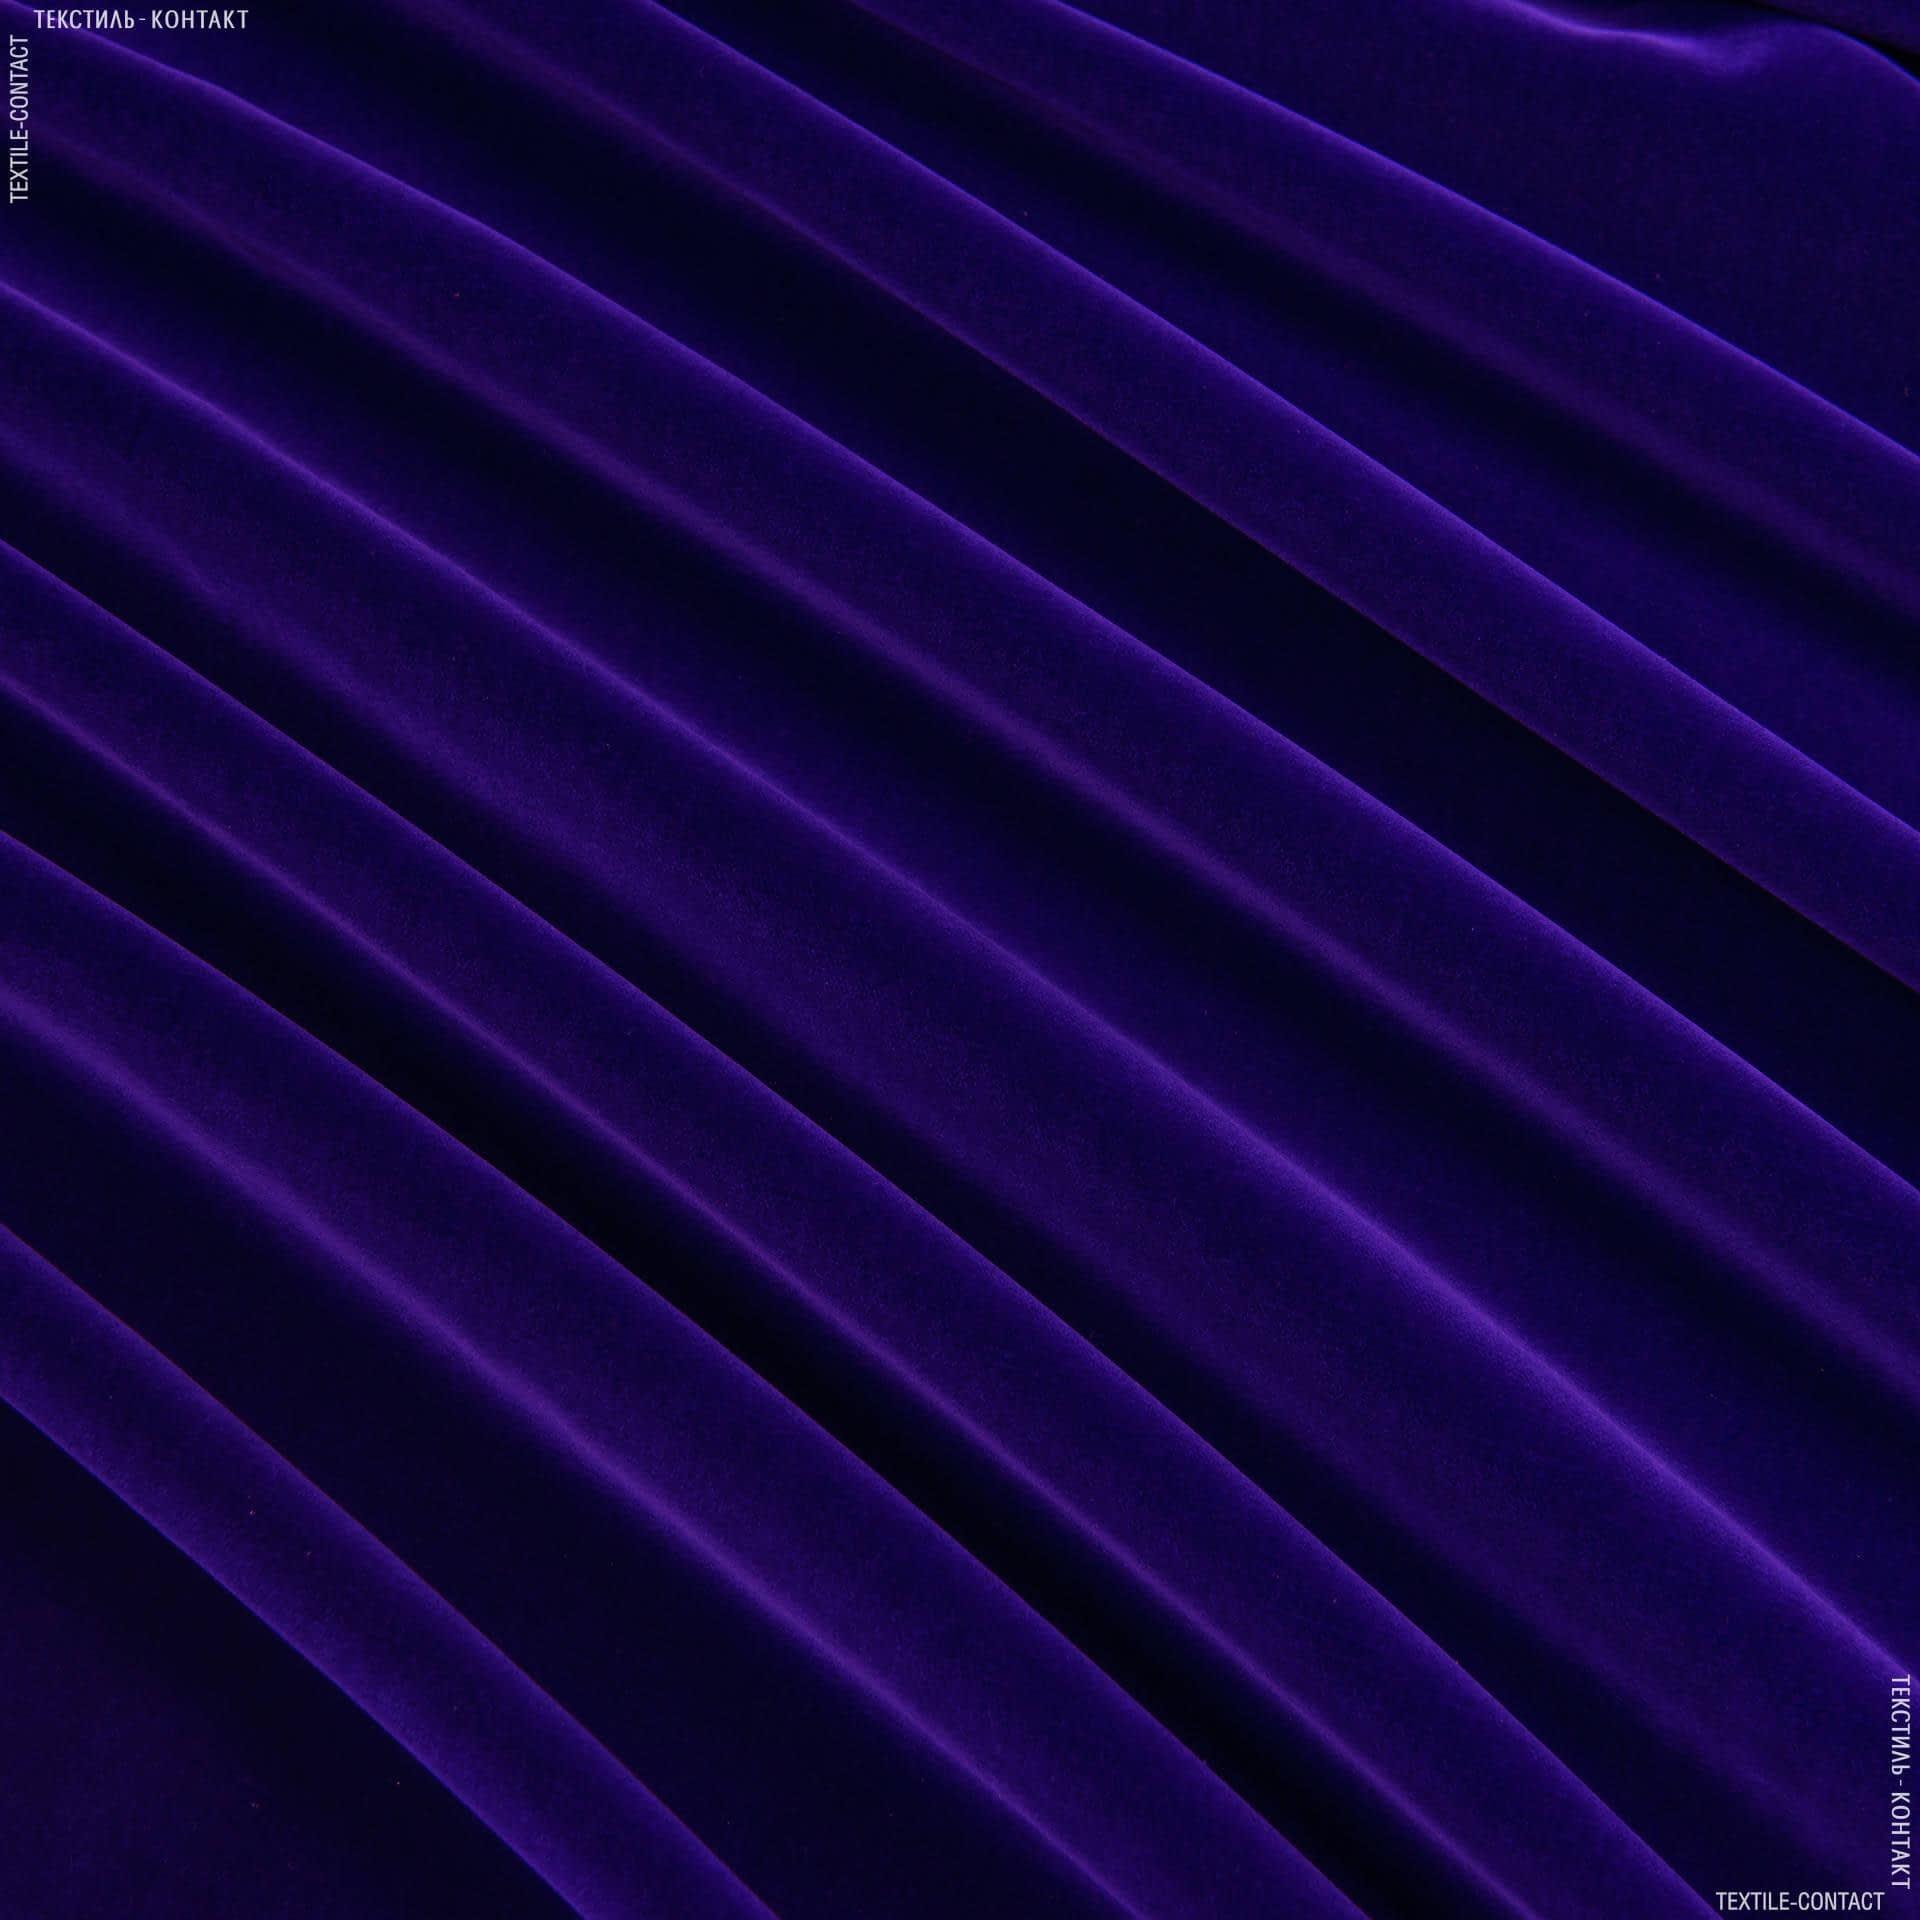 Ткани театральные ткани - Велюр  классик наварра фиолет